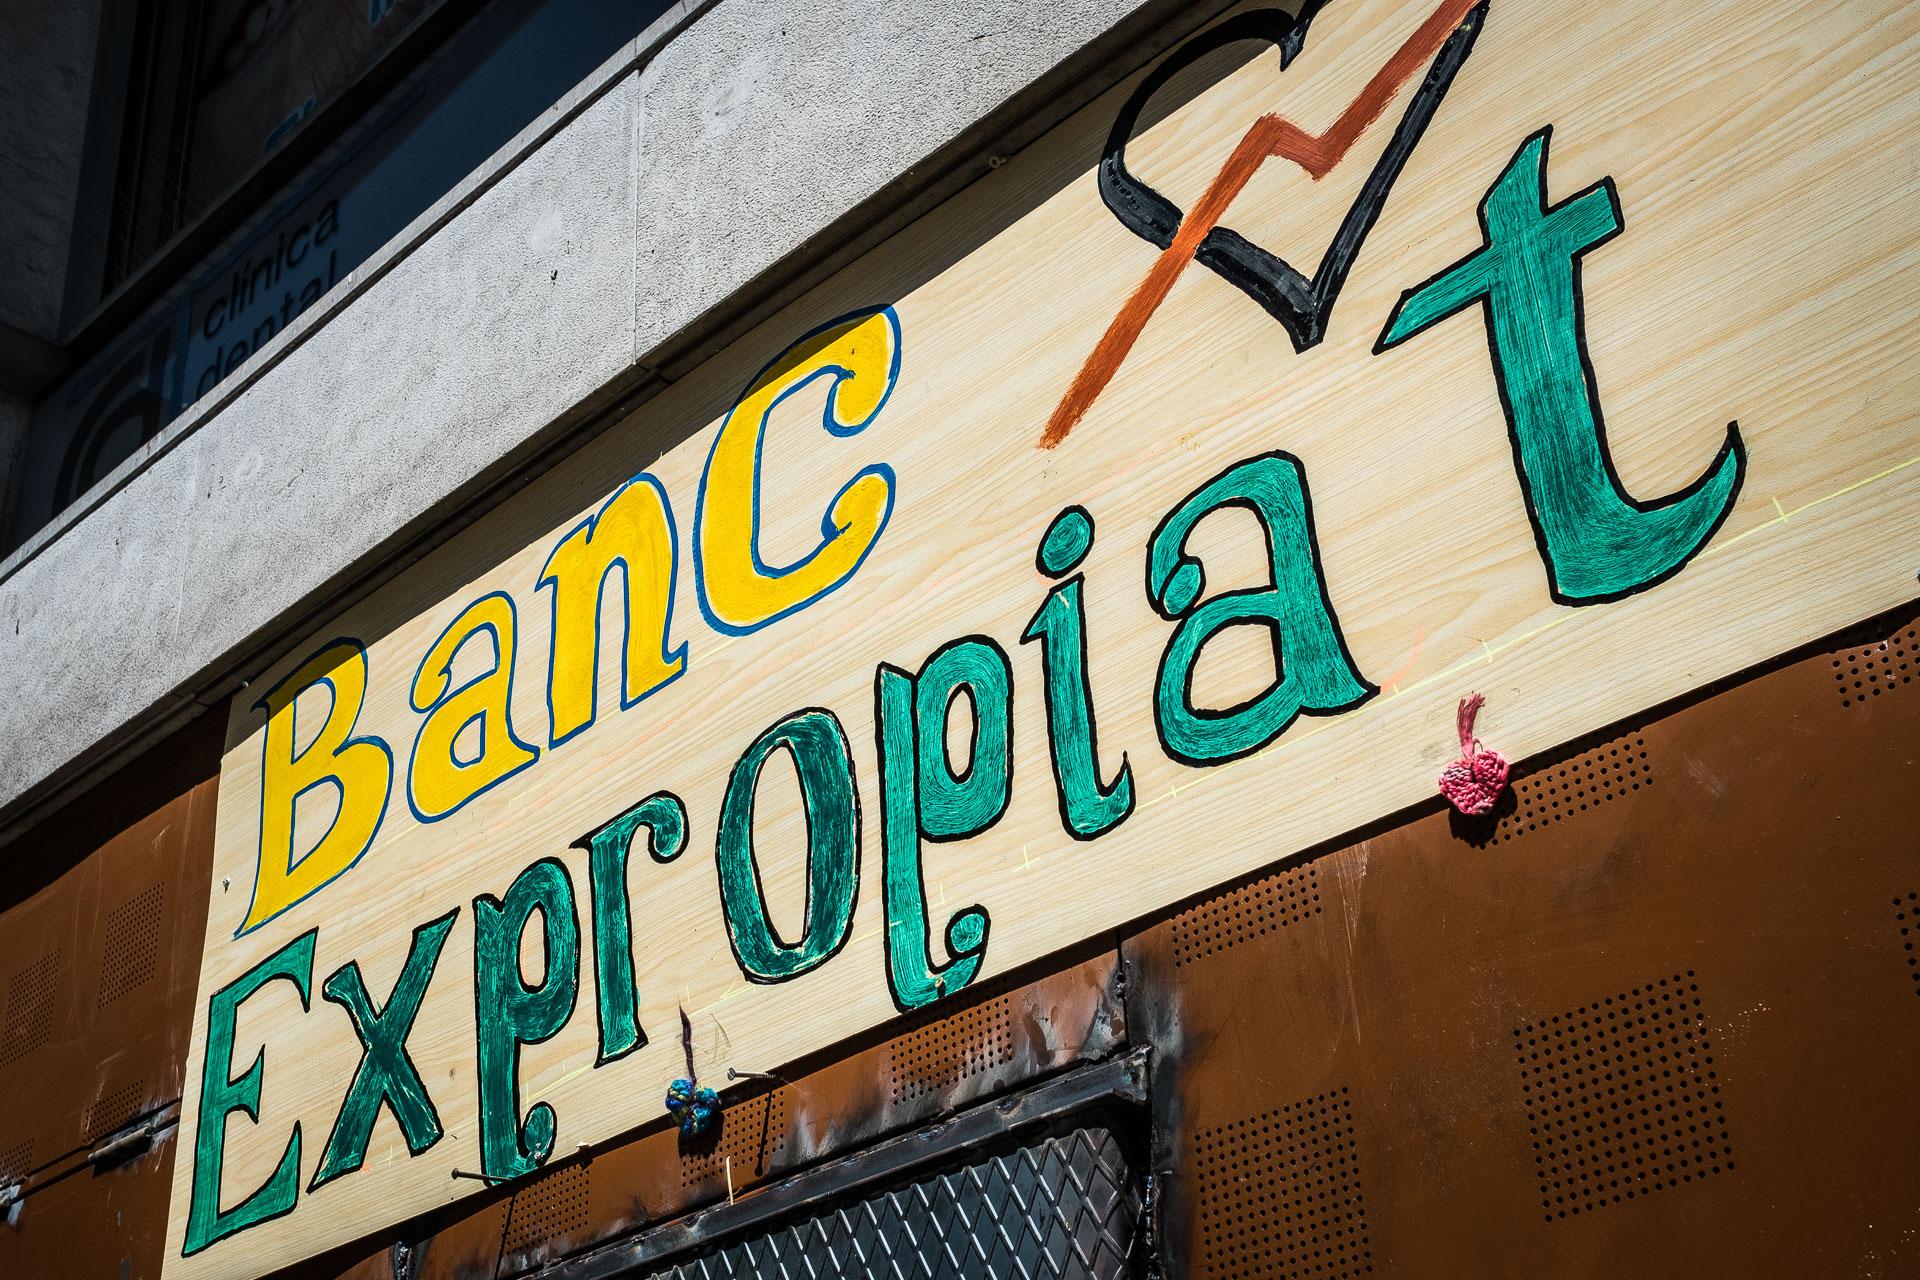 El desallotjament del Banc Expropiat podria haver-se produït fa setmanes. / JORDI BORRÀS